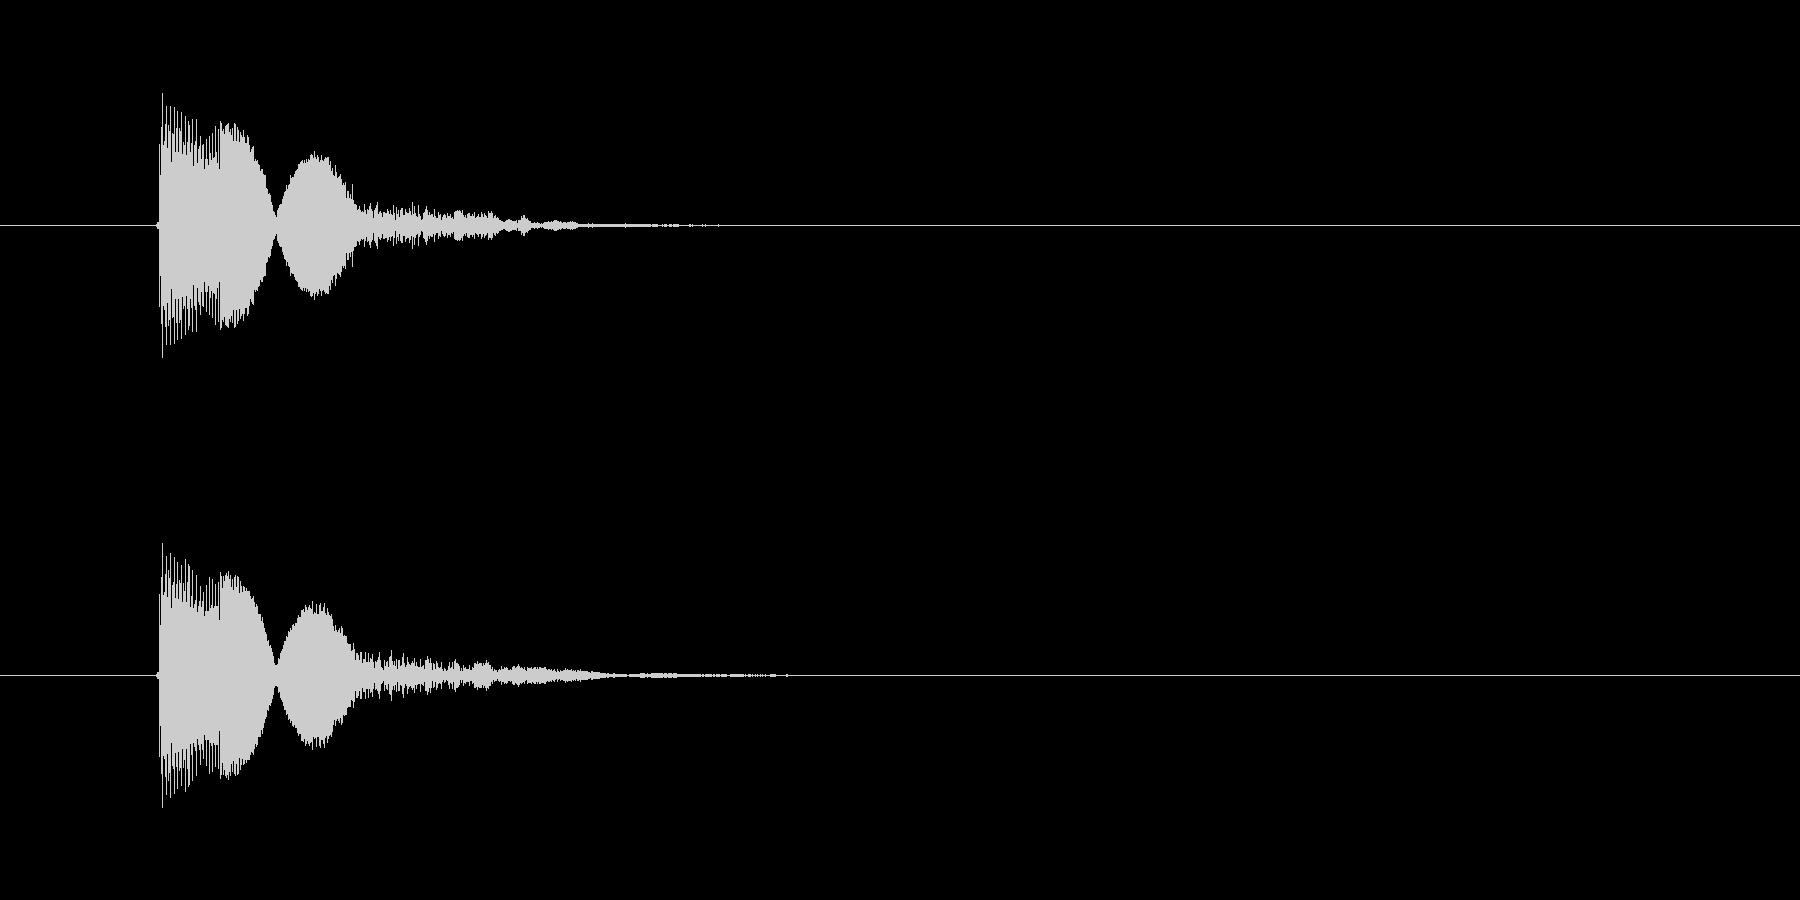 キャンセルや決定ボタンの選択音(ピコン)の未再生の波形